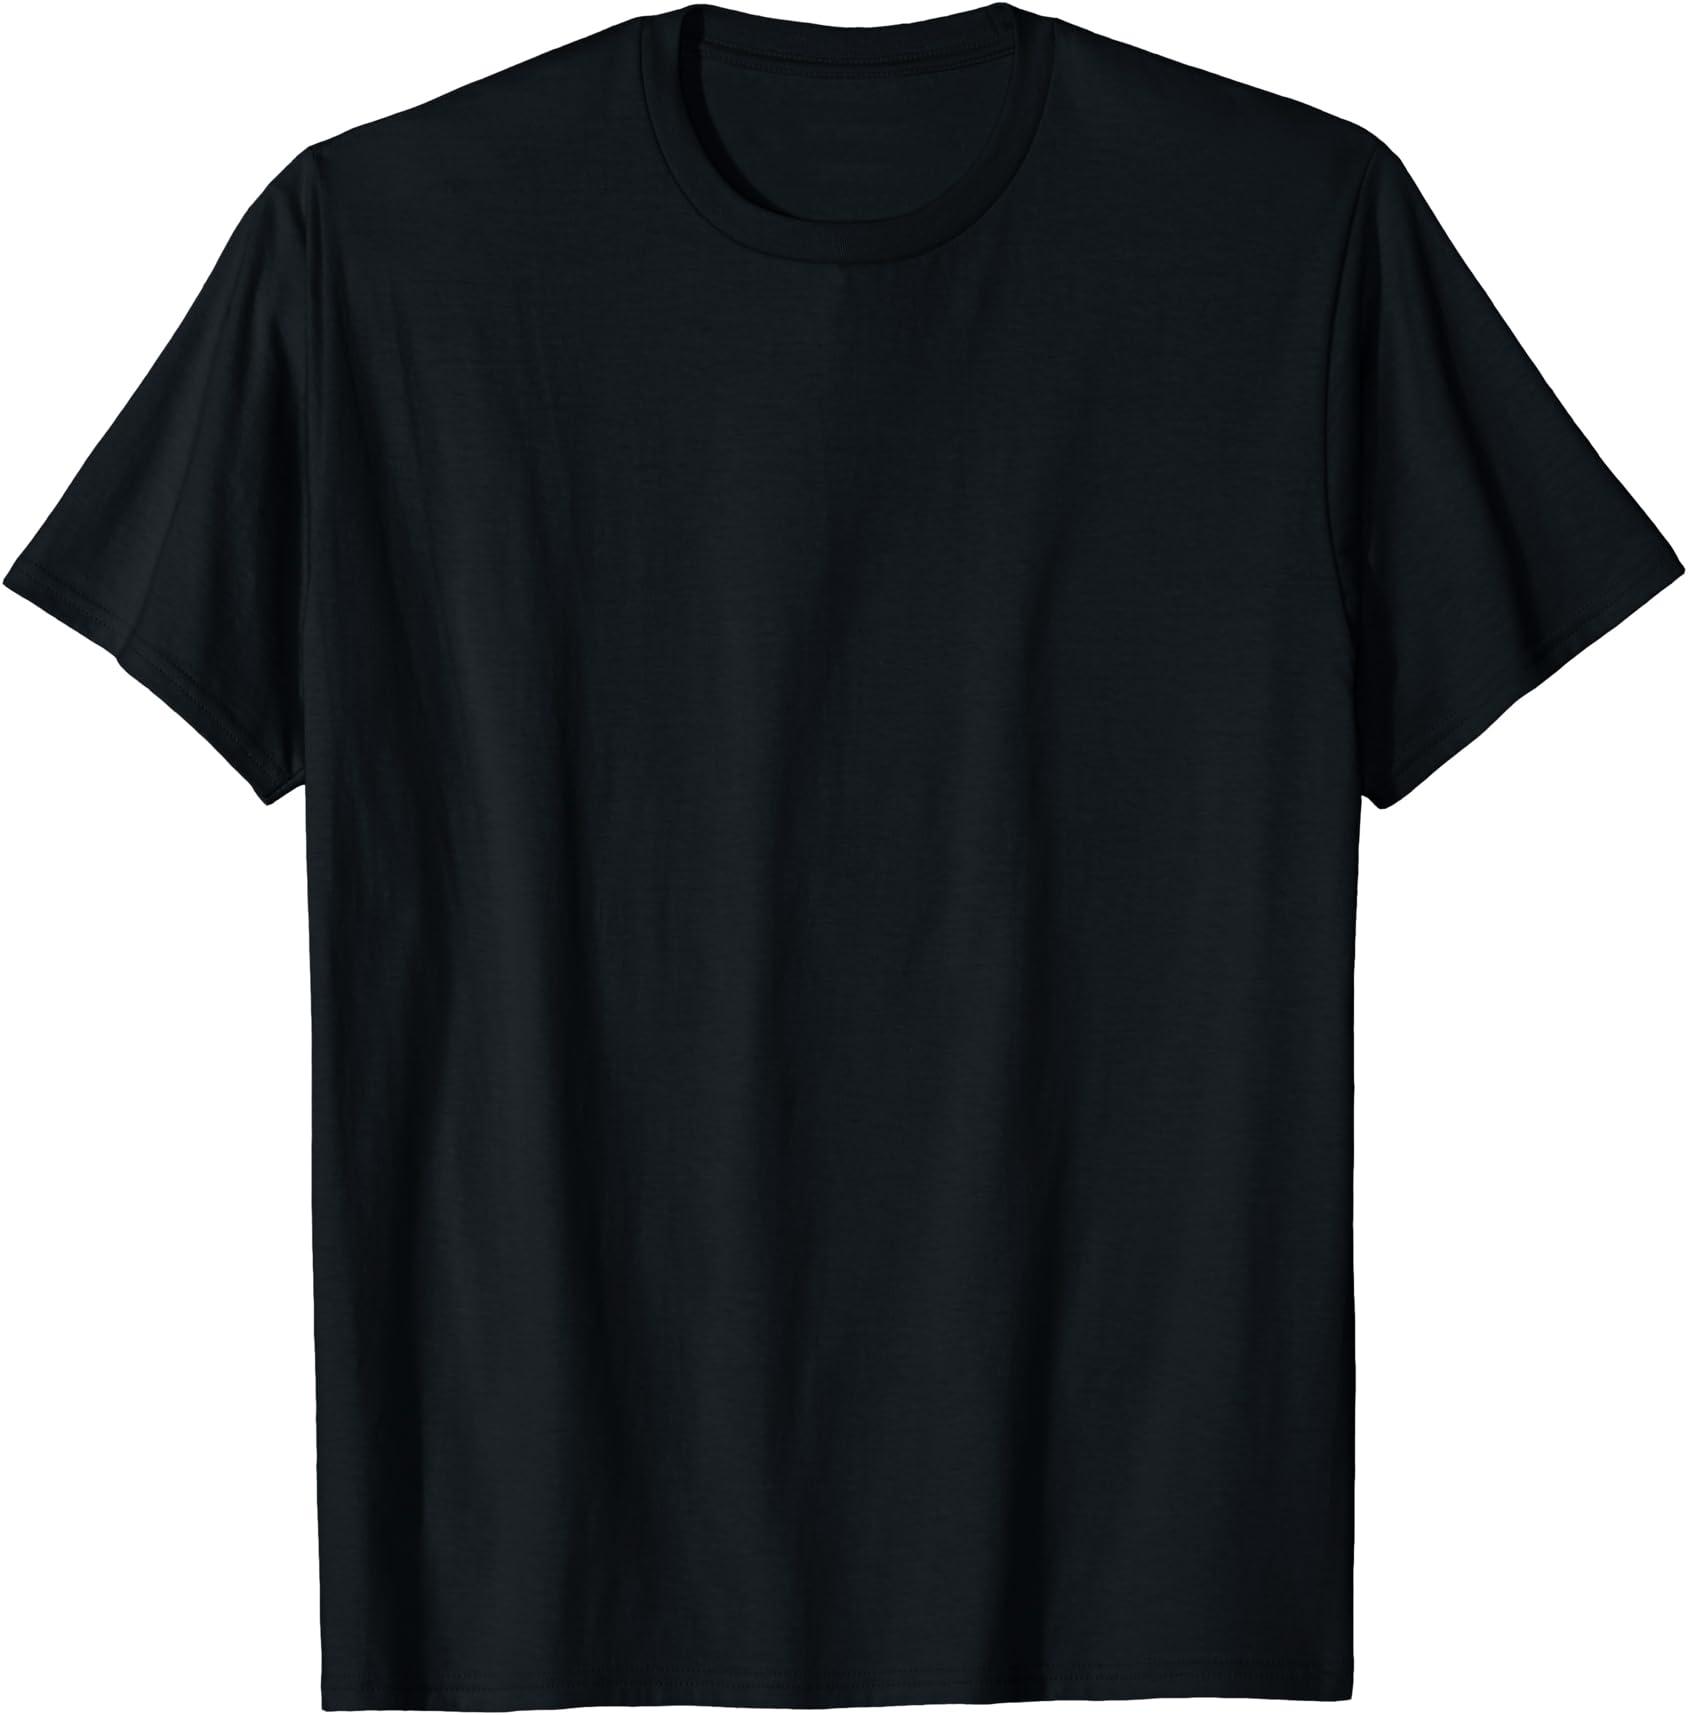 New AWA American Wrestling Association Men/'s White T-Shirt Size S M L XL 2XL 3XL